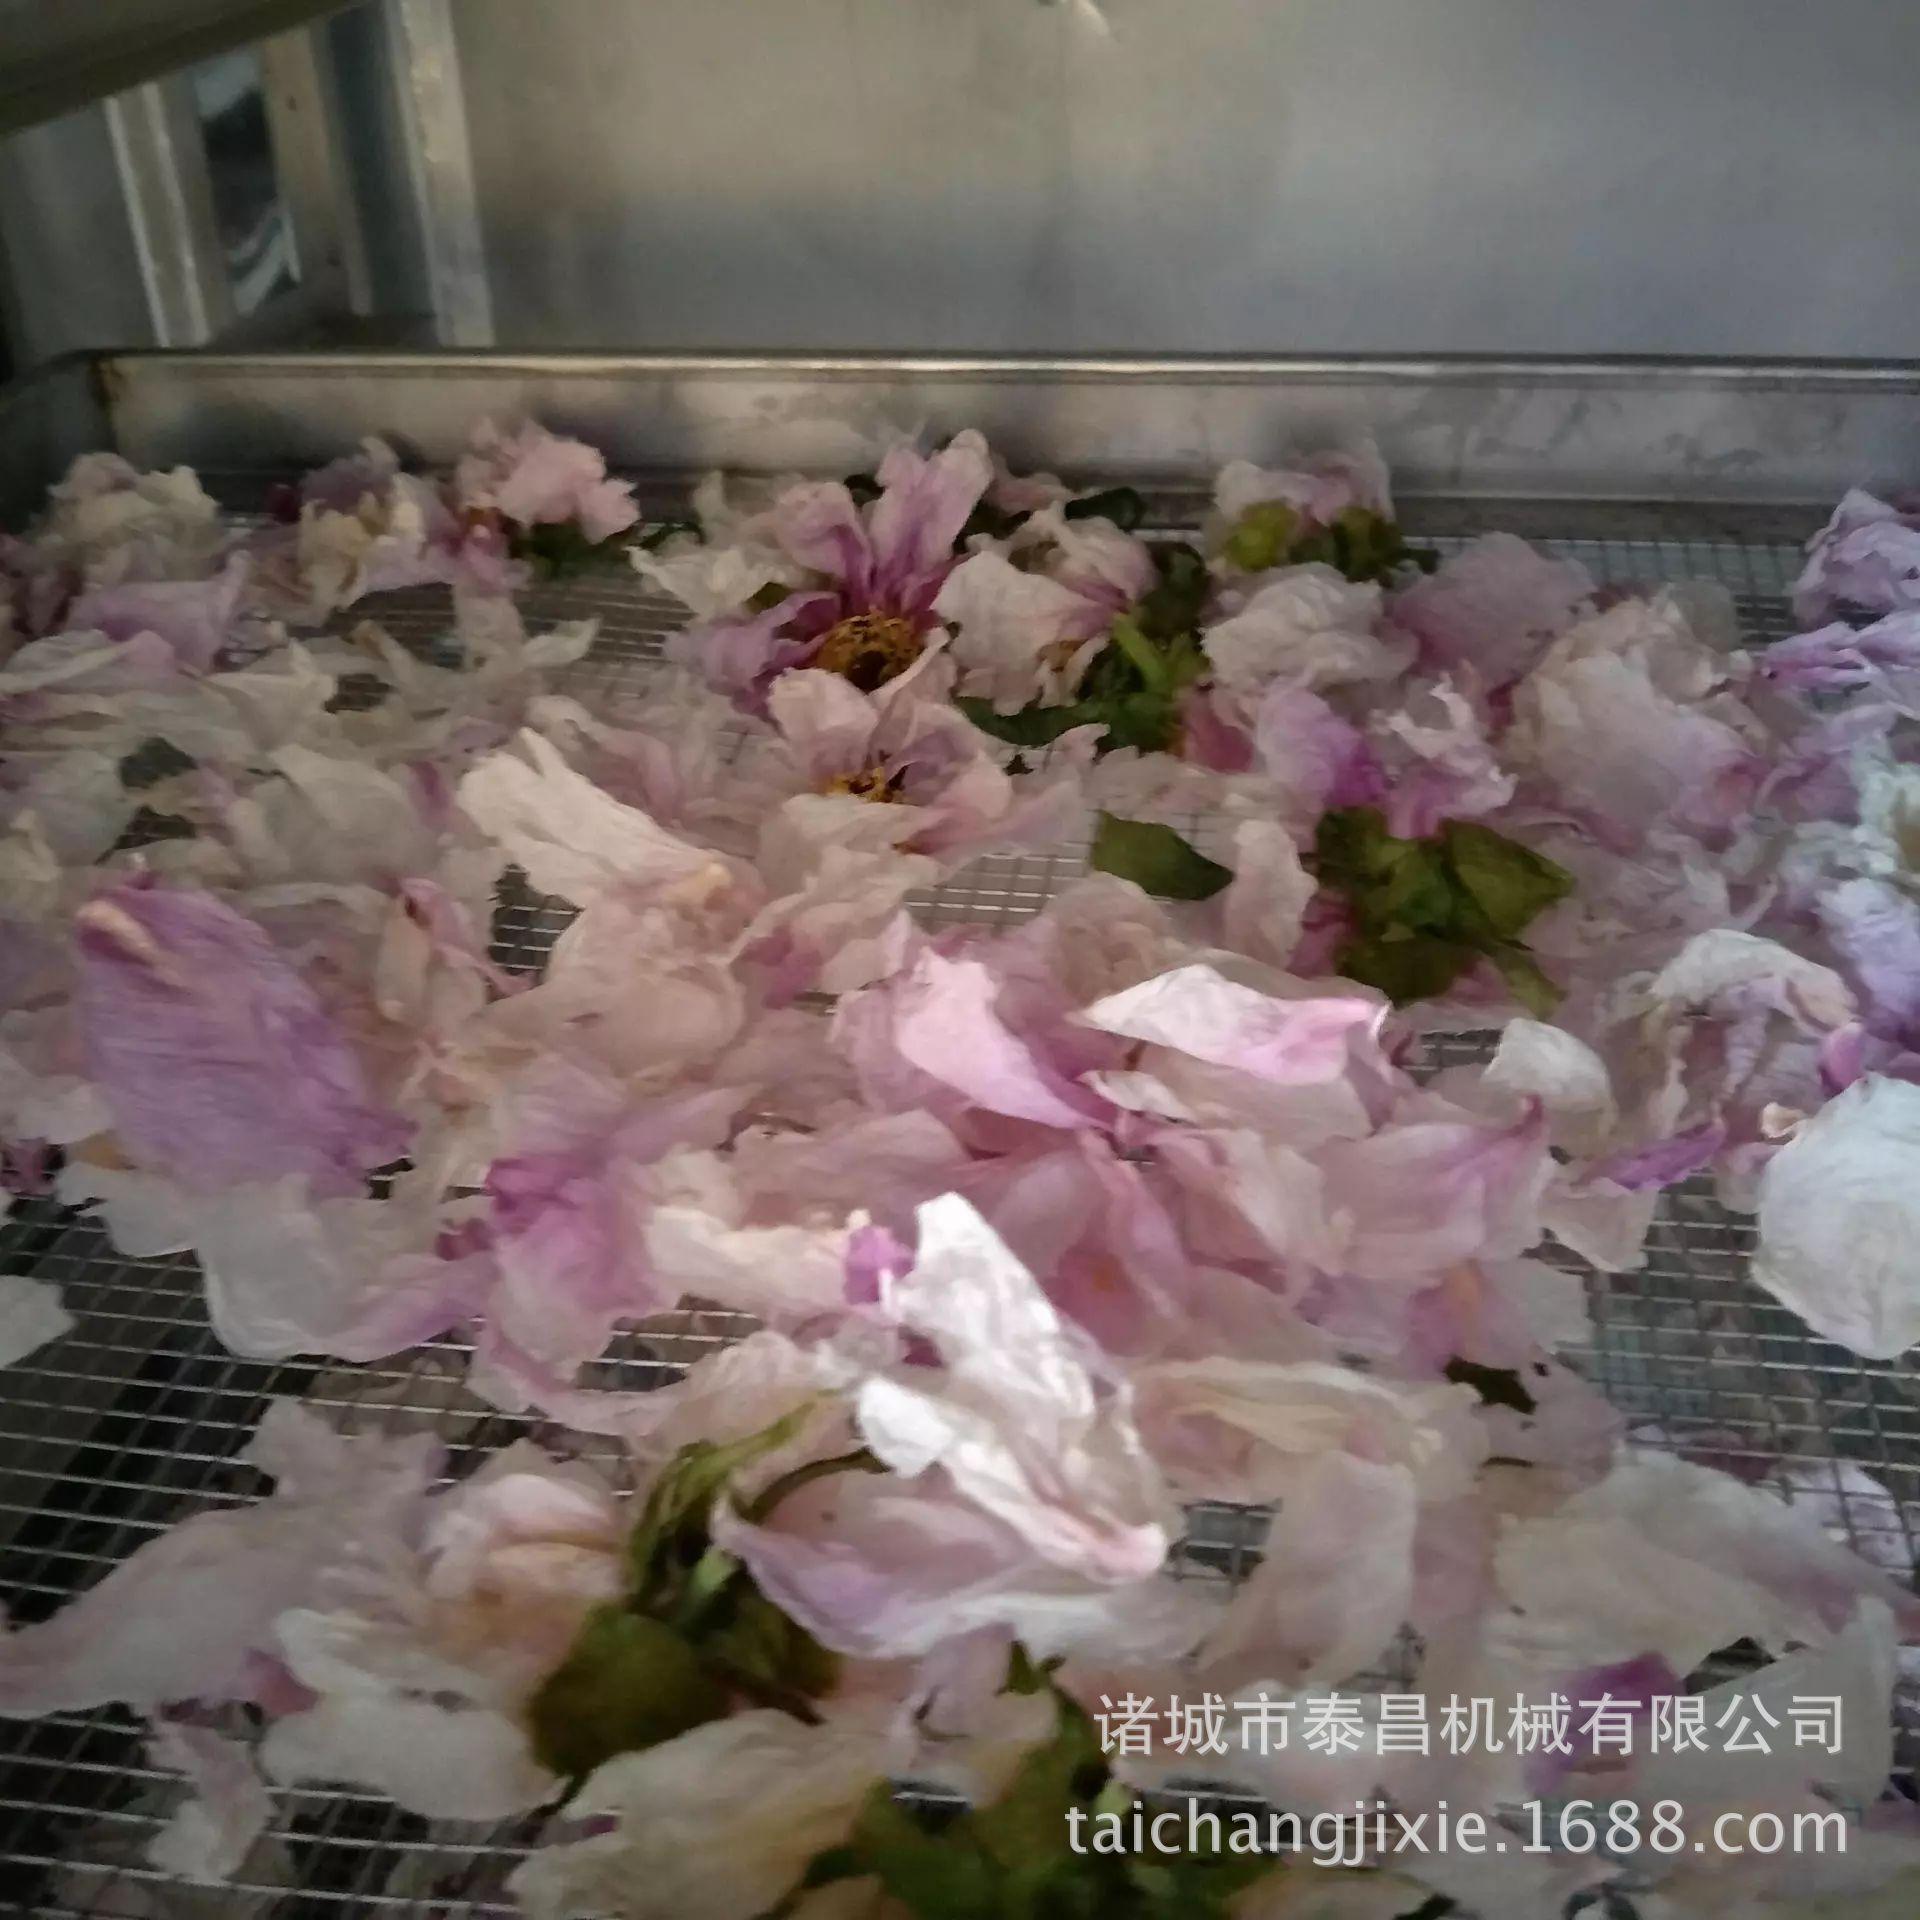 新型箱式烘干房熱風循環脫水蔬菜烘干箱食品烘干機商用菊花烘干機